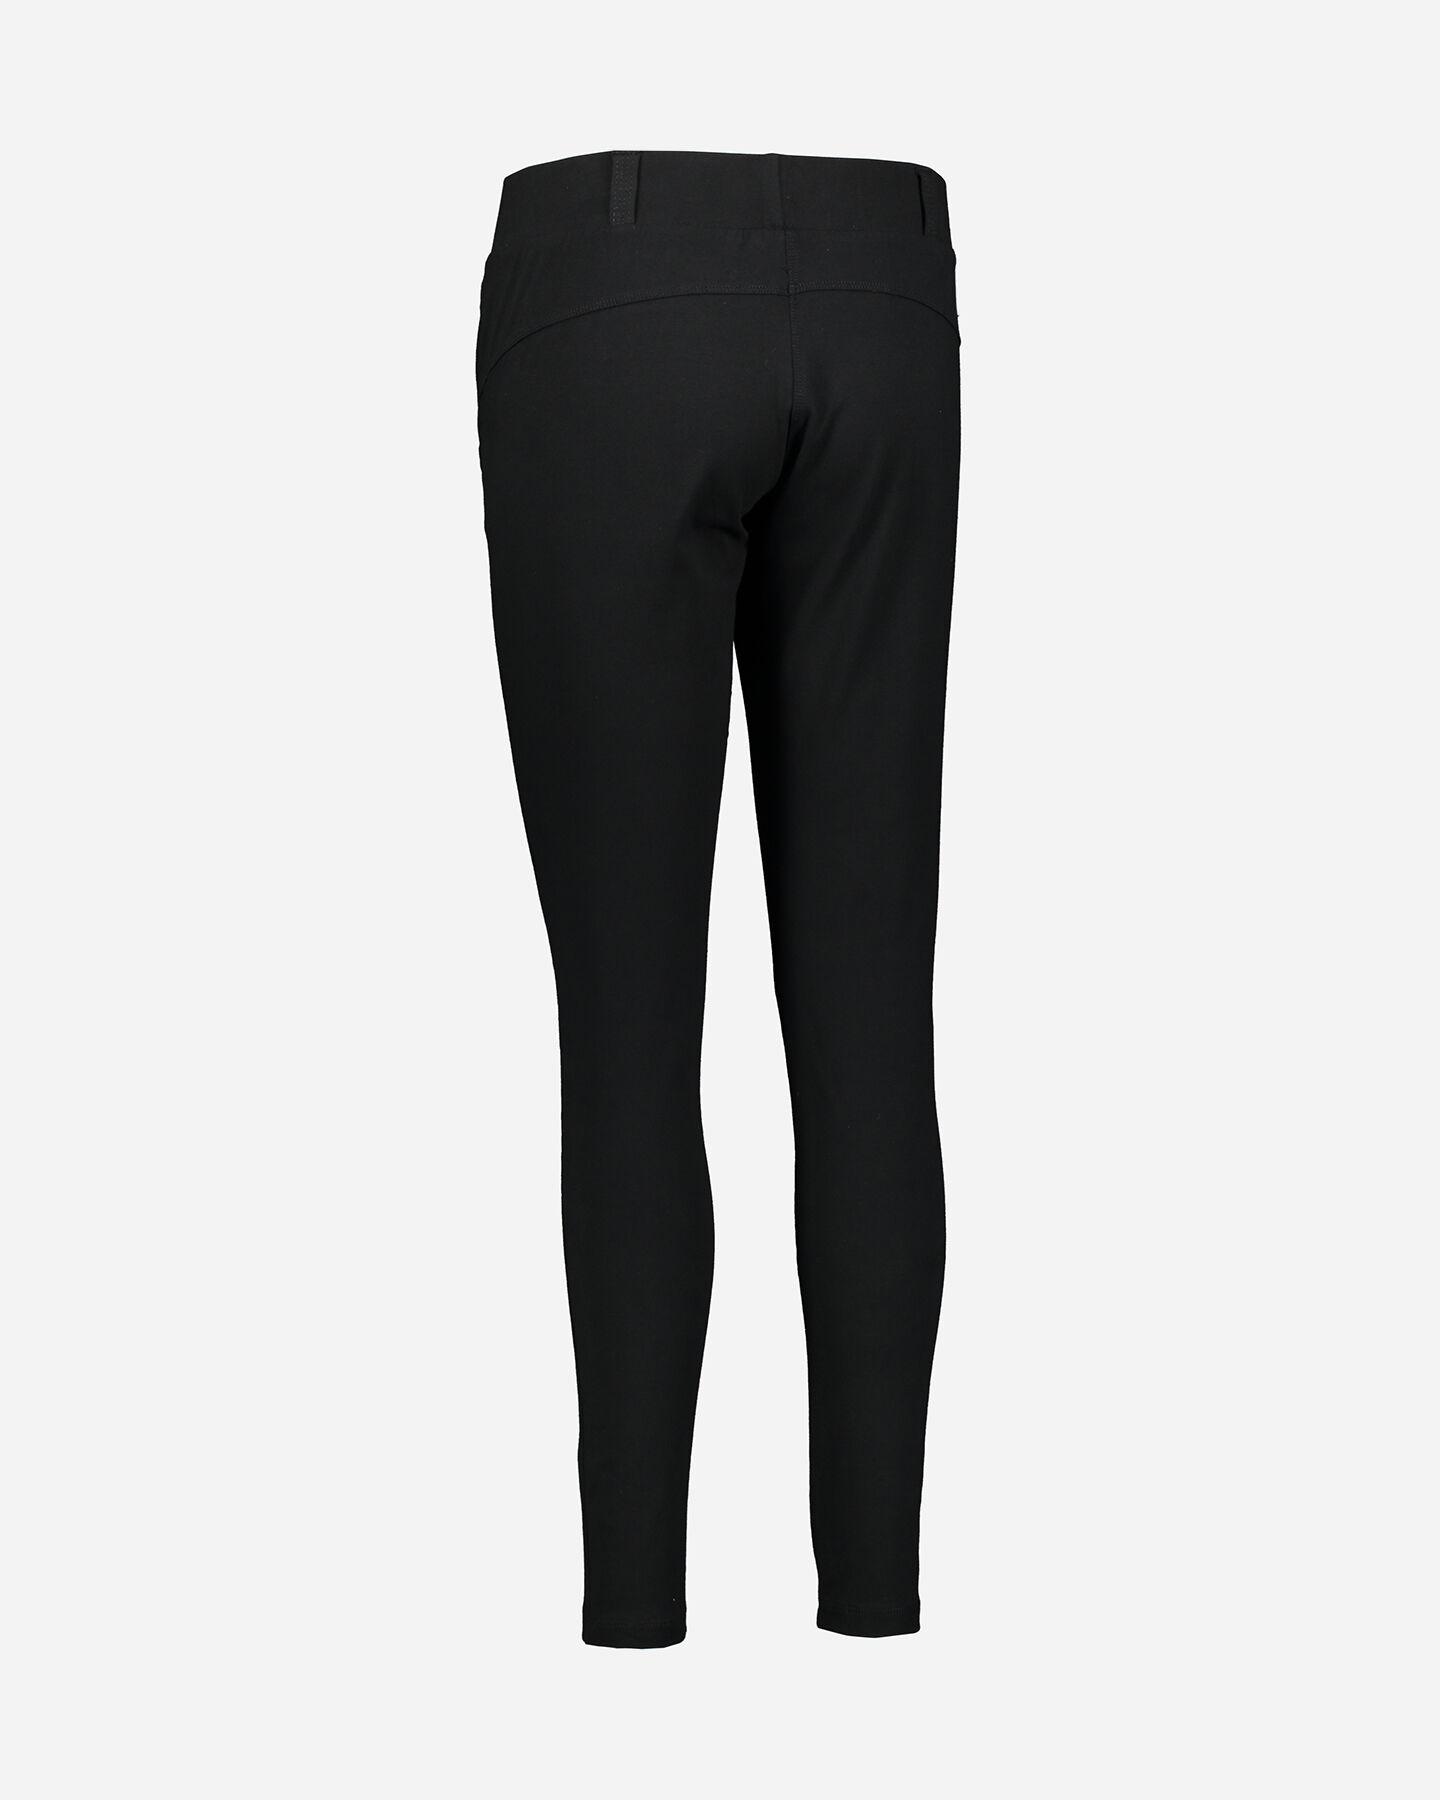 Pantalone FREDDY CHINO SLIM W S5183653 scatto 2